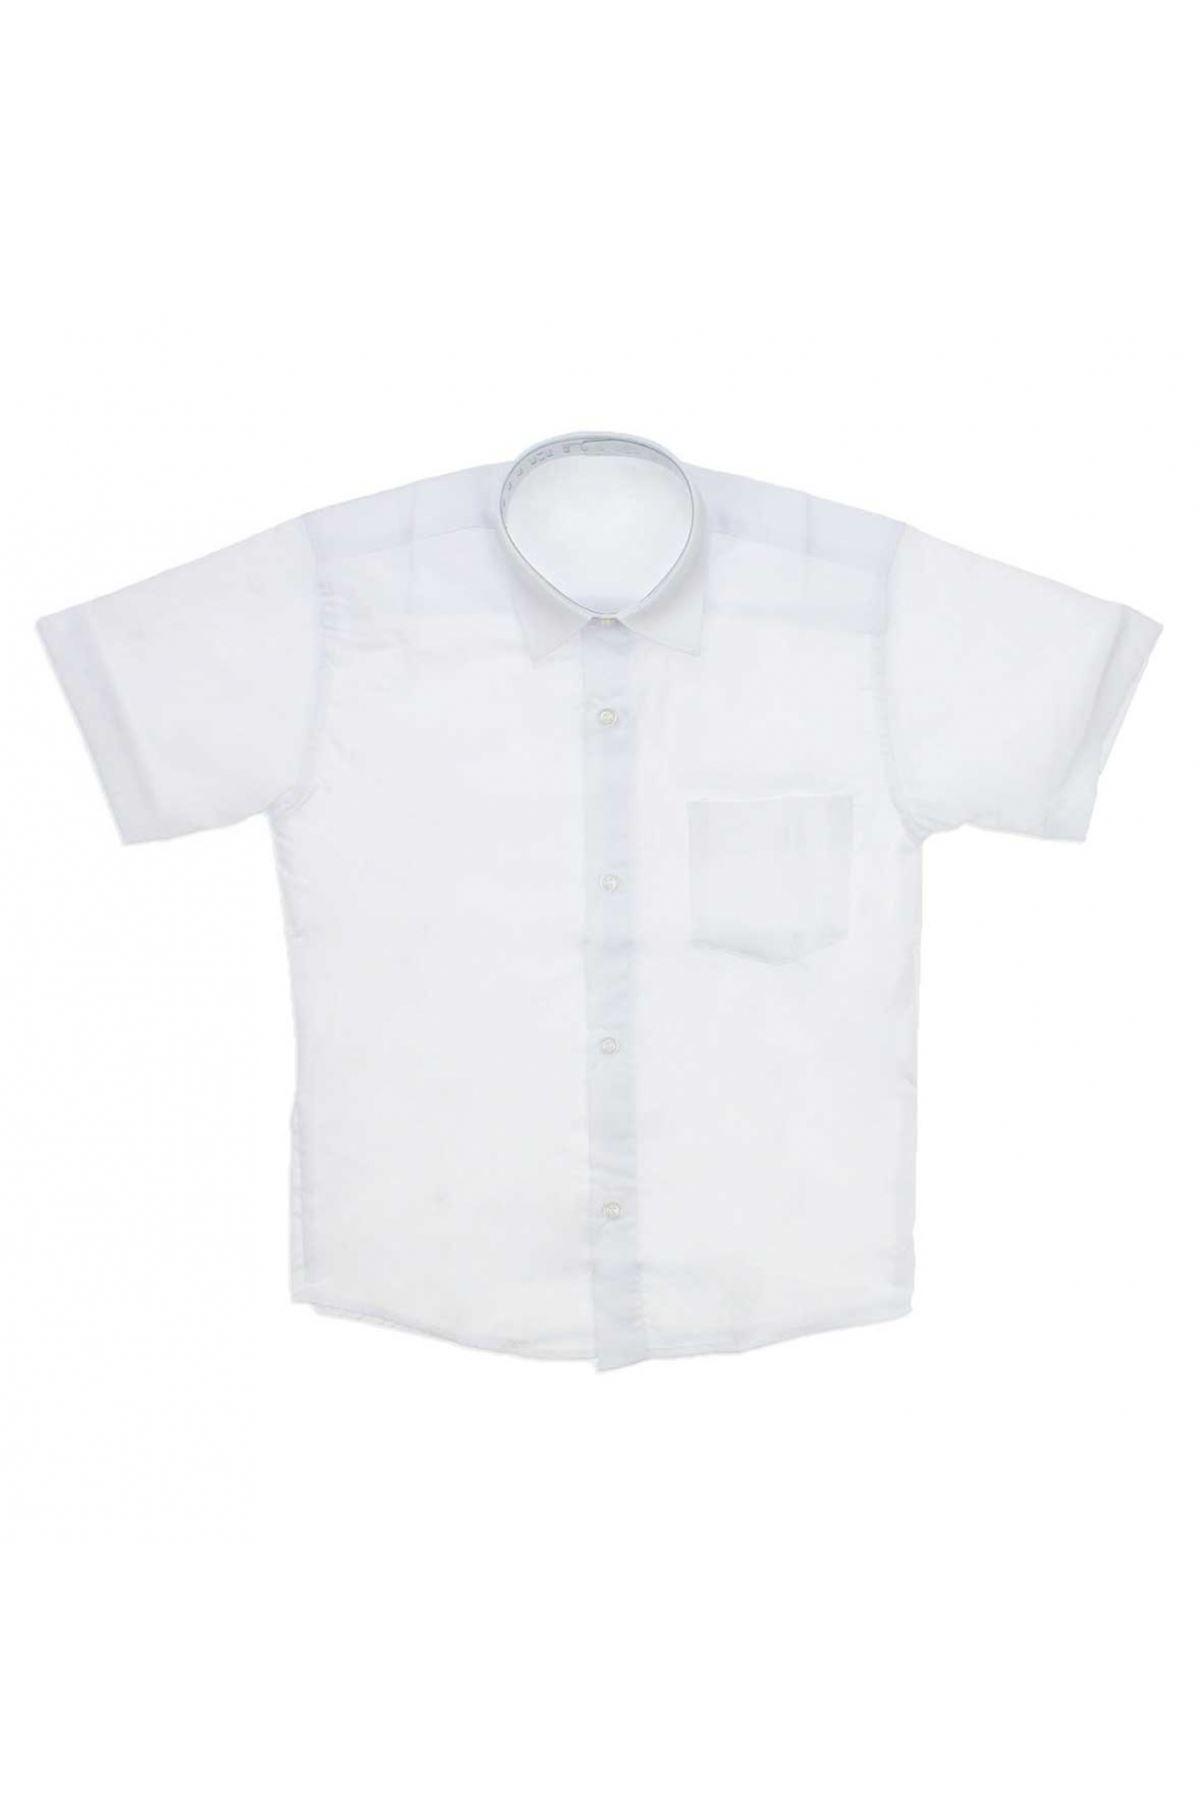 23 Nisan Erkek Çocuk Beyaz Gömlek